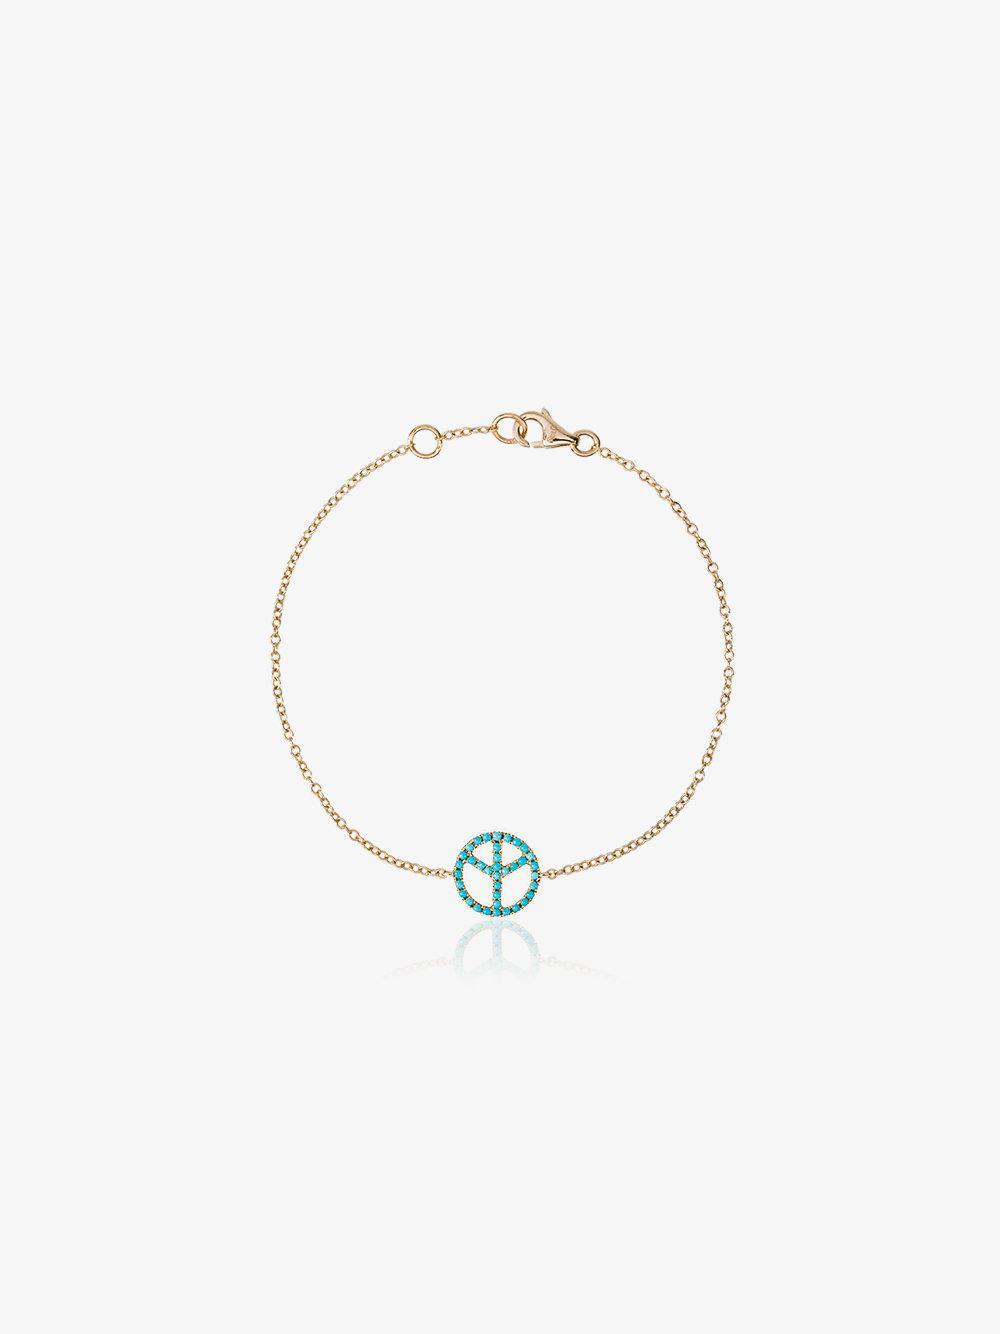 Rosa De La Cruz 18k gold bracelet with turquoise peace charm LQrugnuJ